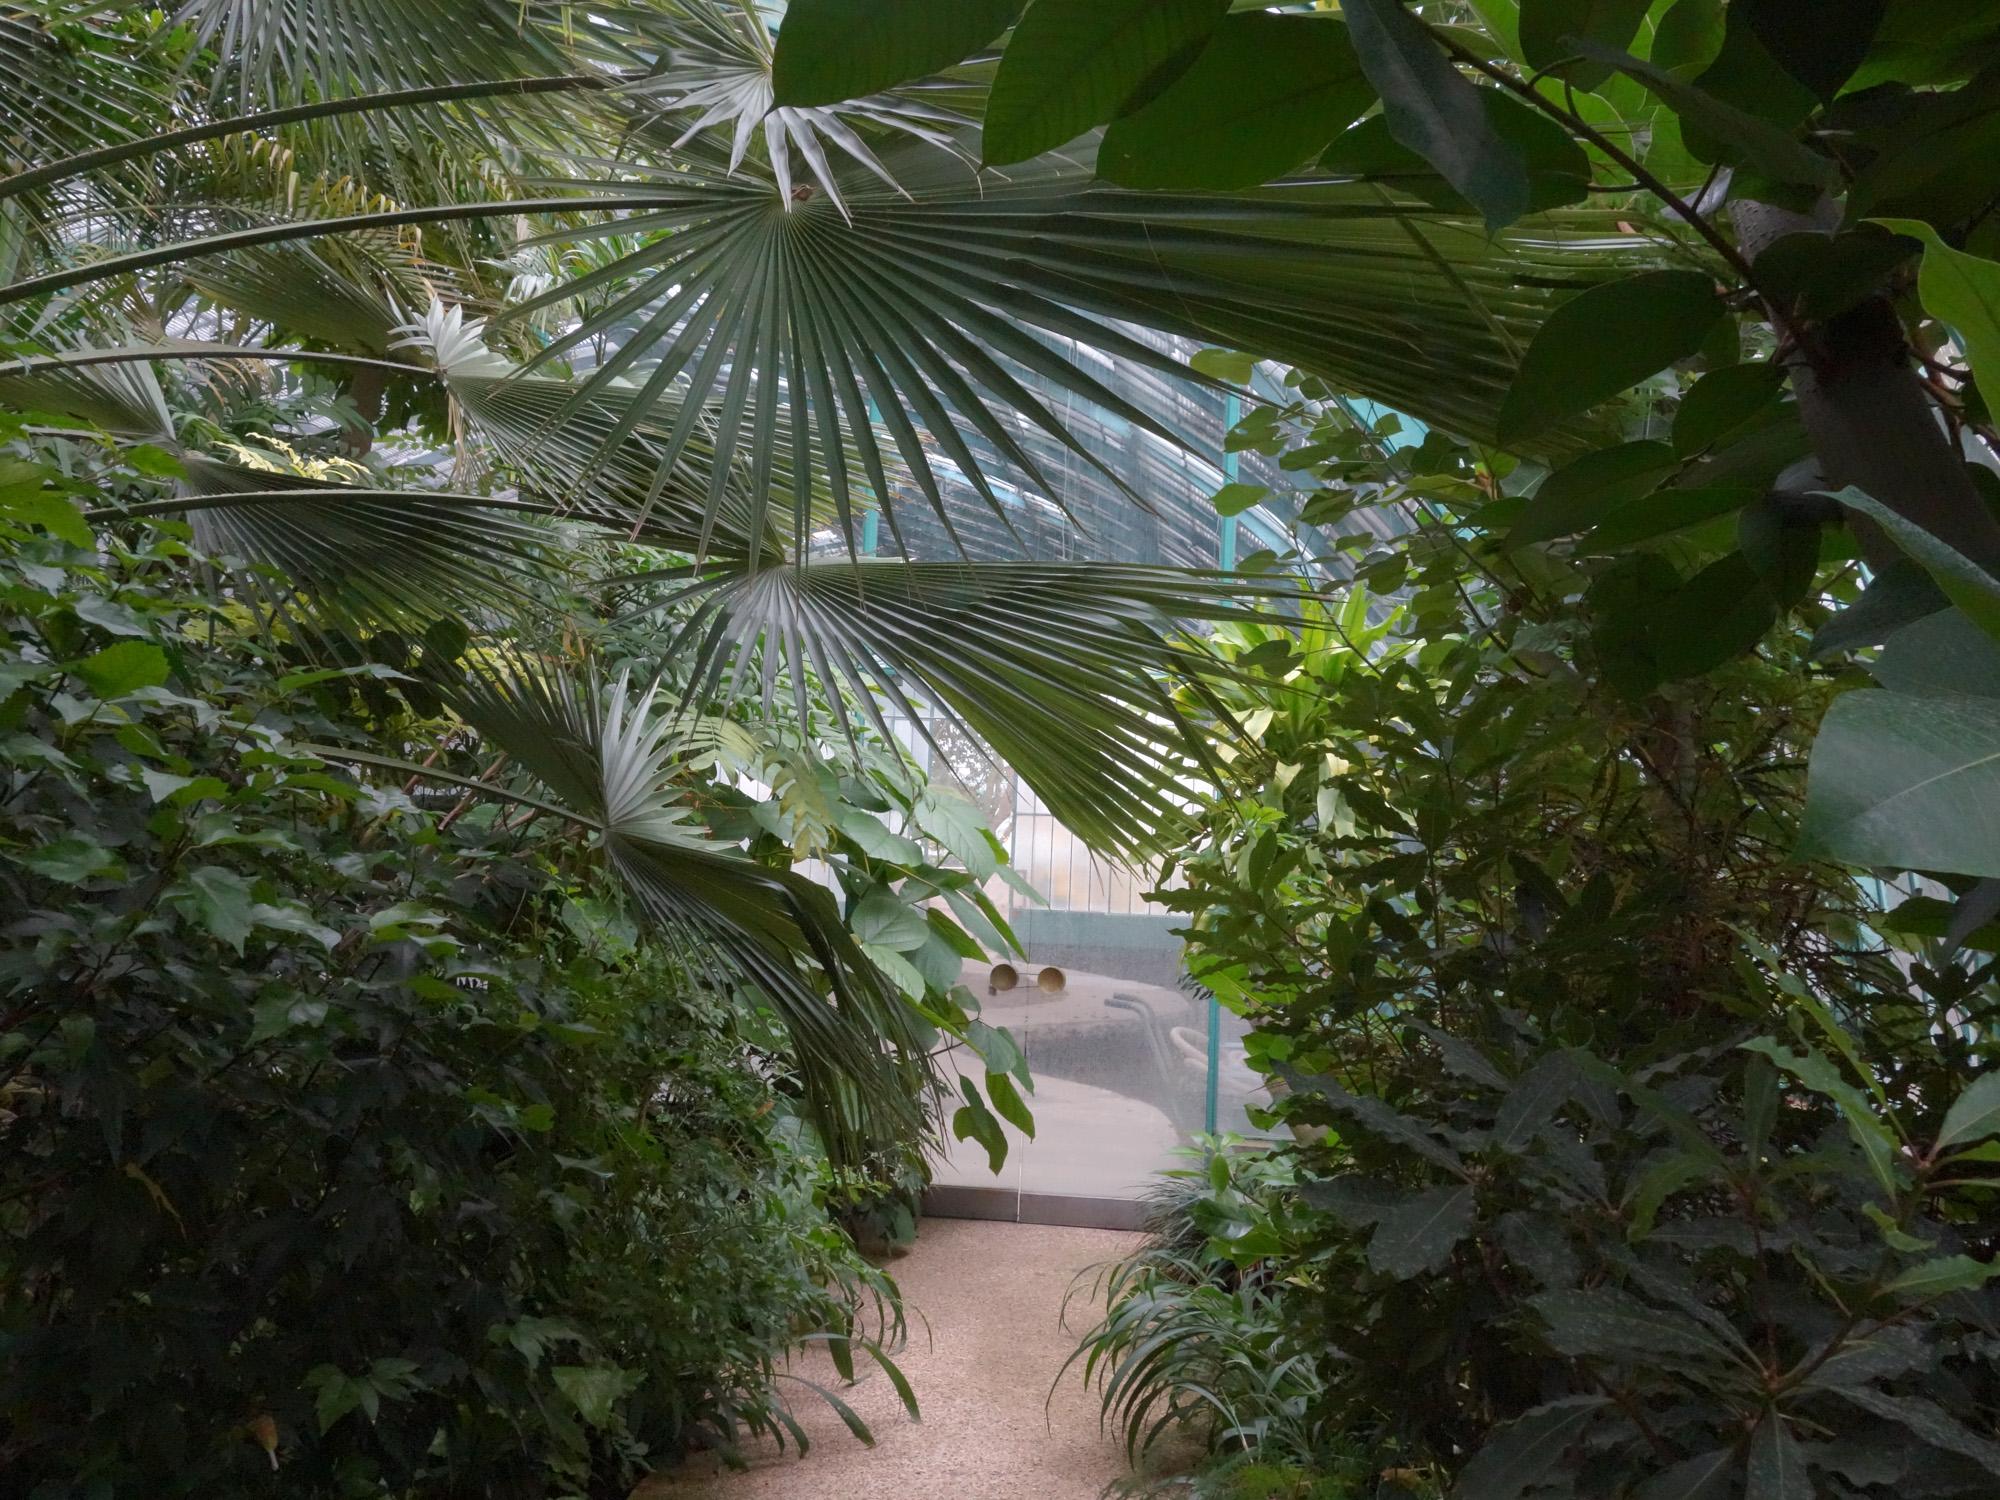 8_Le Jardin des Serres.jpg